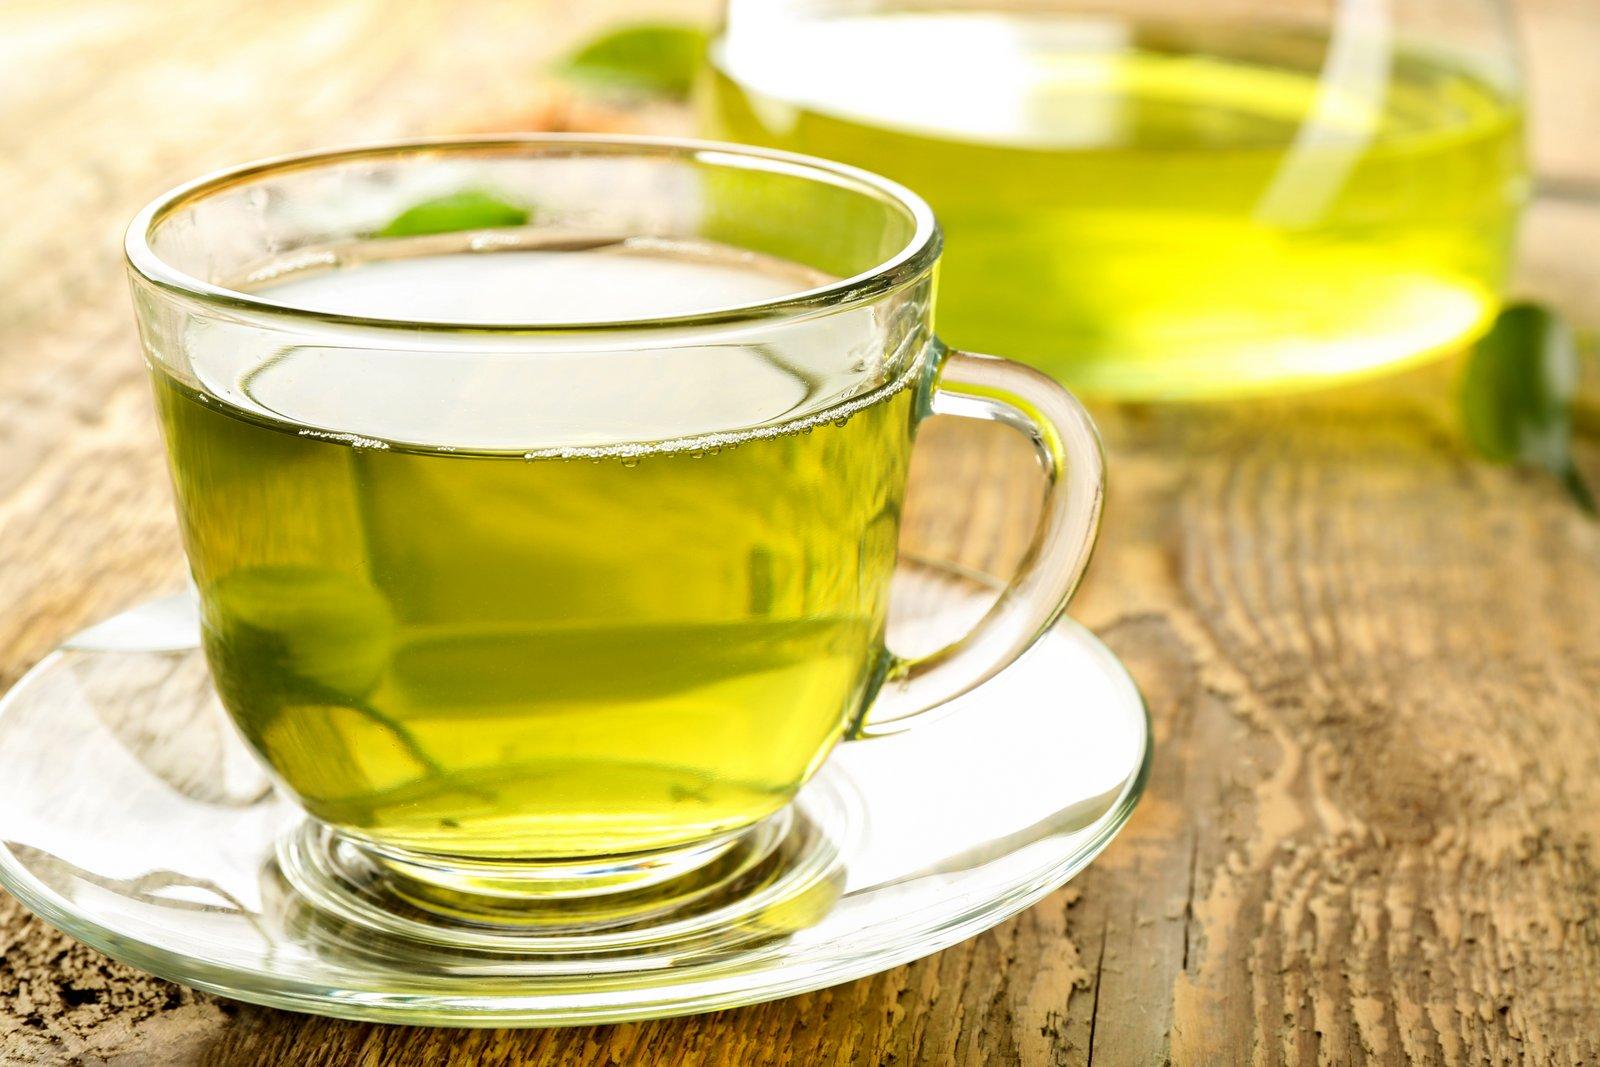 Drink green tea to prevent stroke, heart attack - OrissaPOST